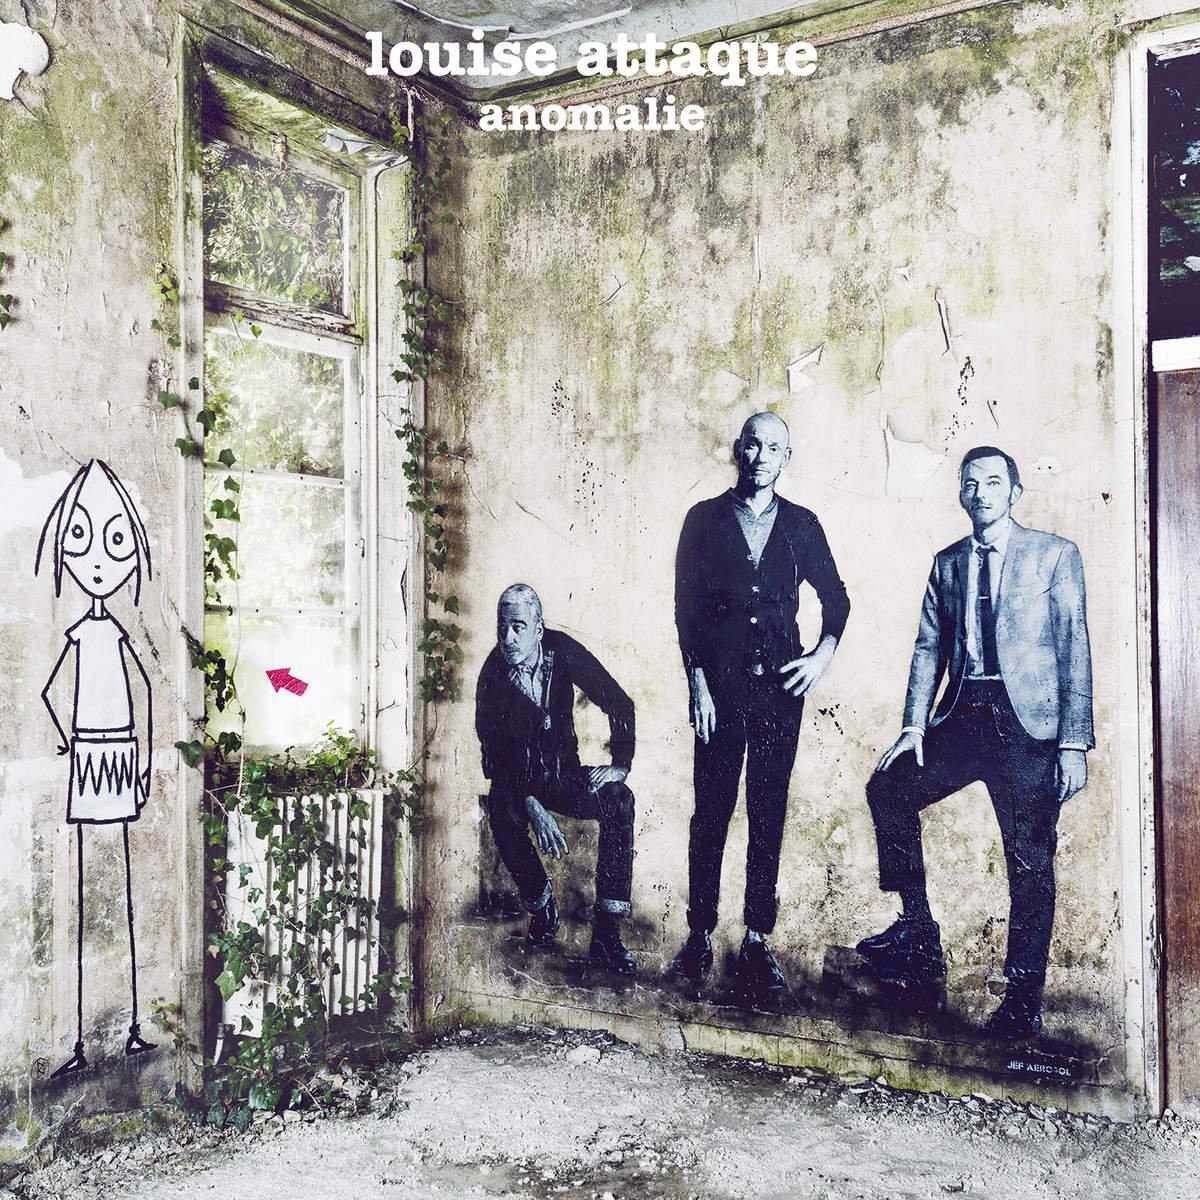 Louise Attaque Aeronef lille mars 2016 louise attaque anomalie album edition deluxe